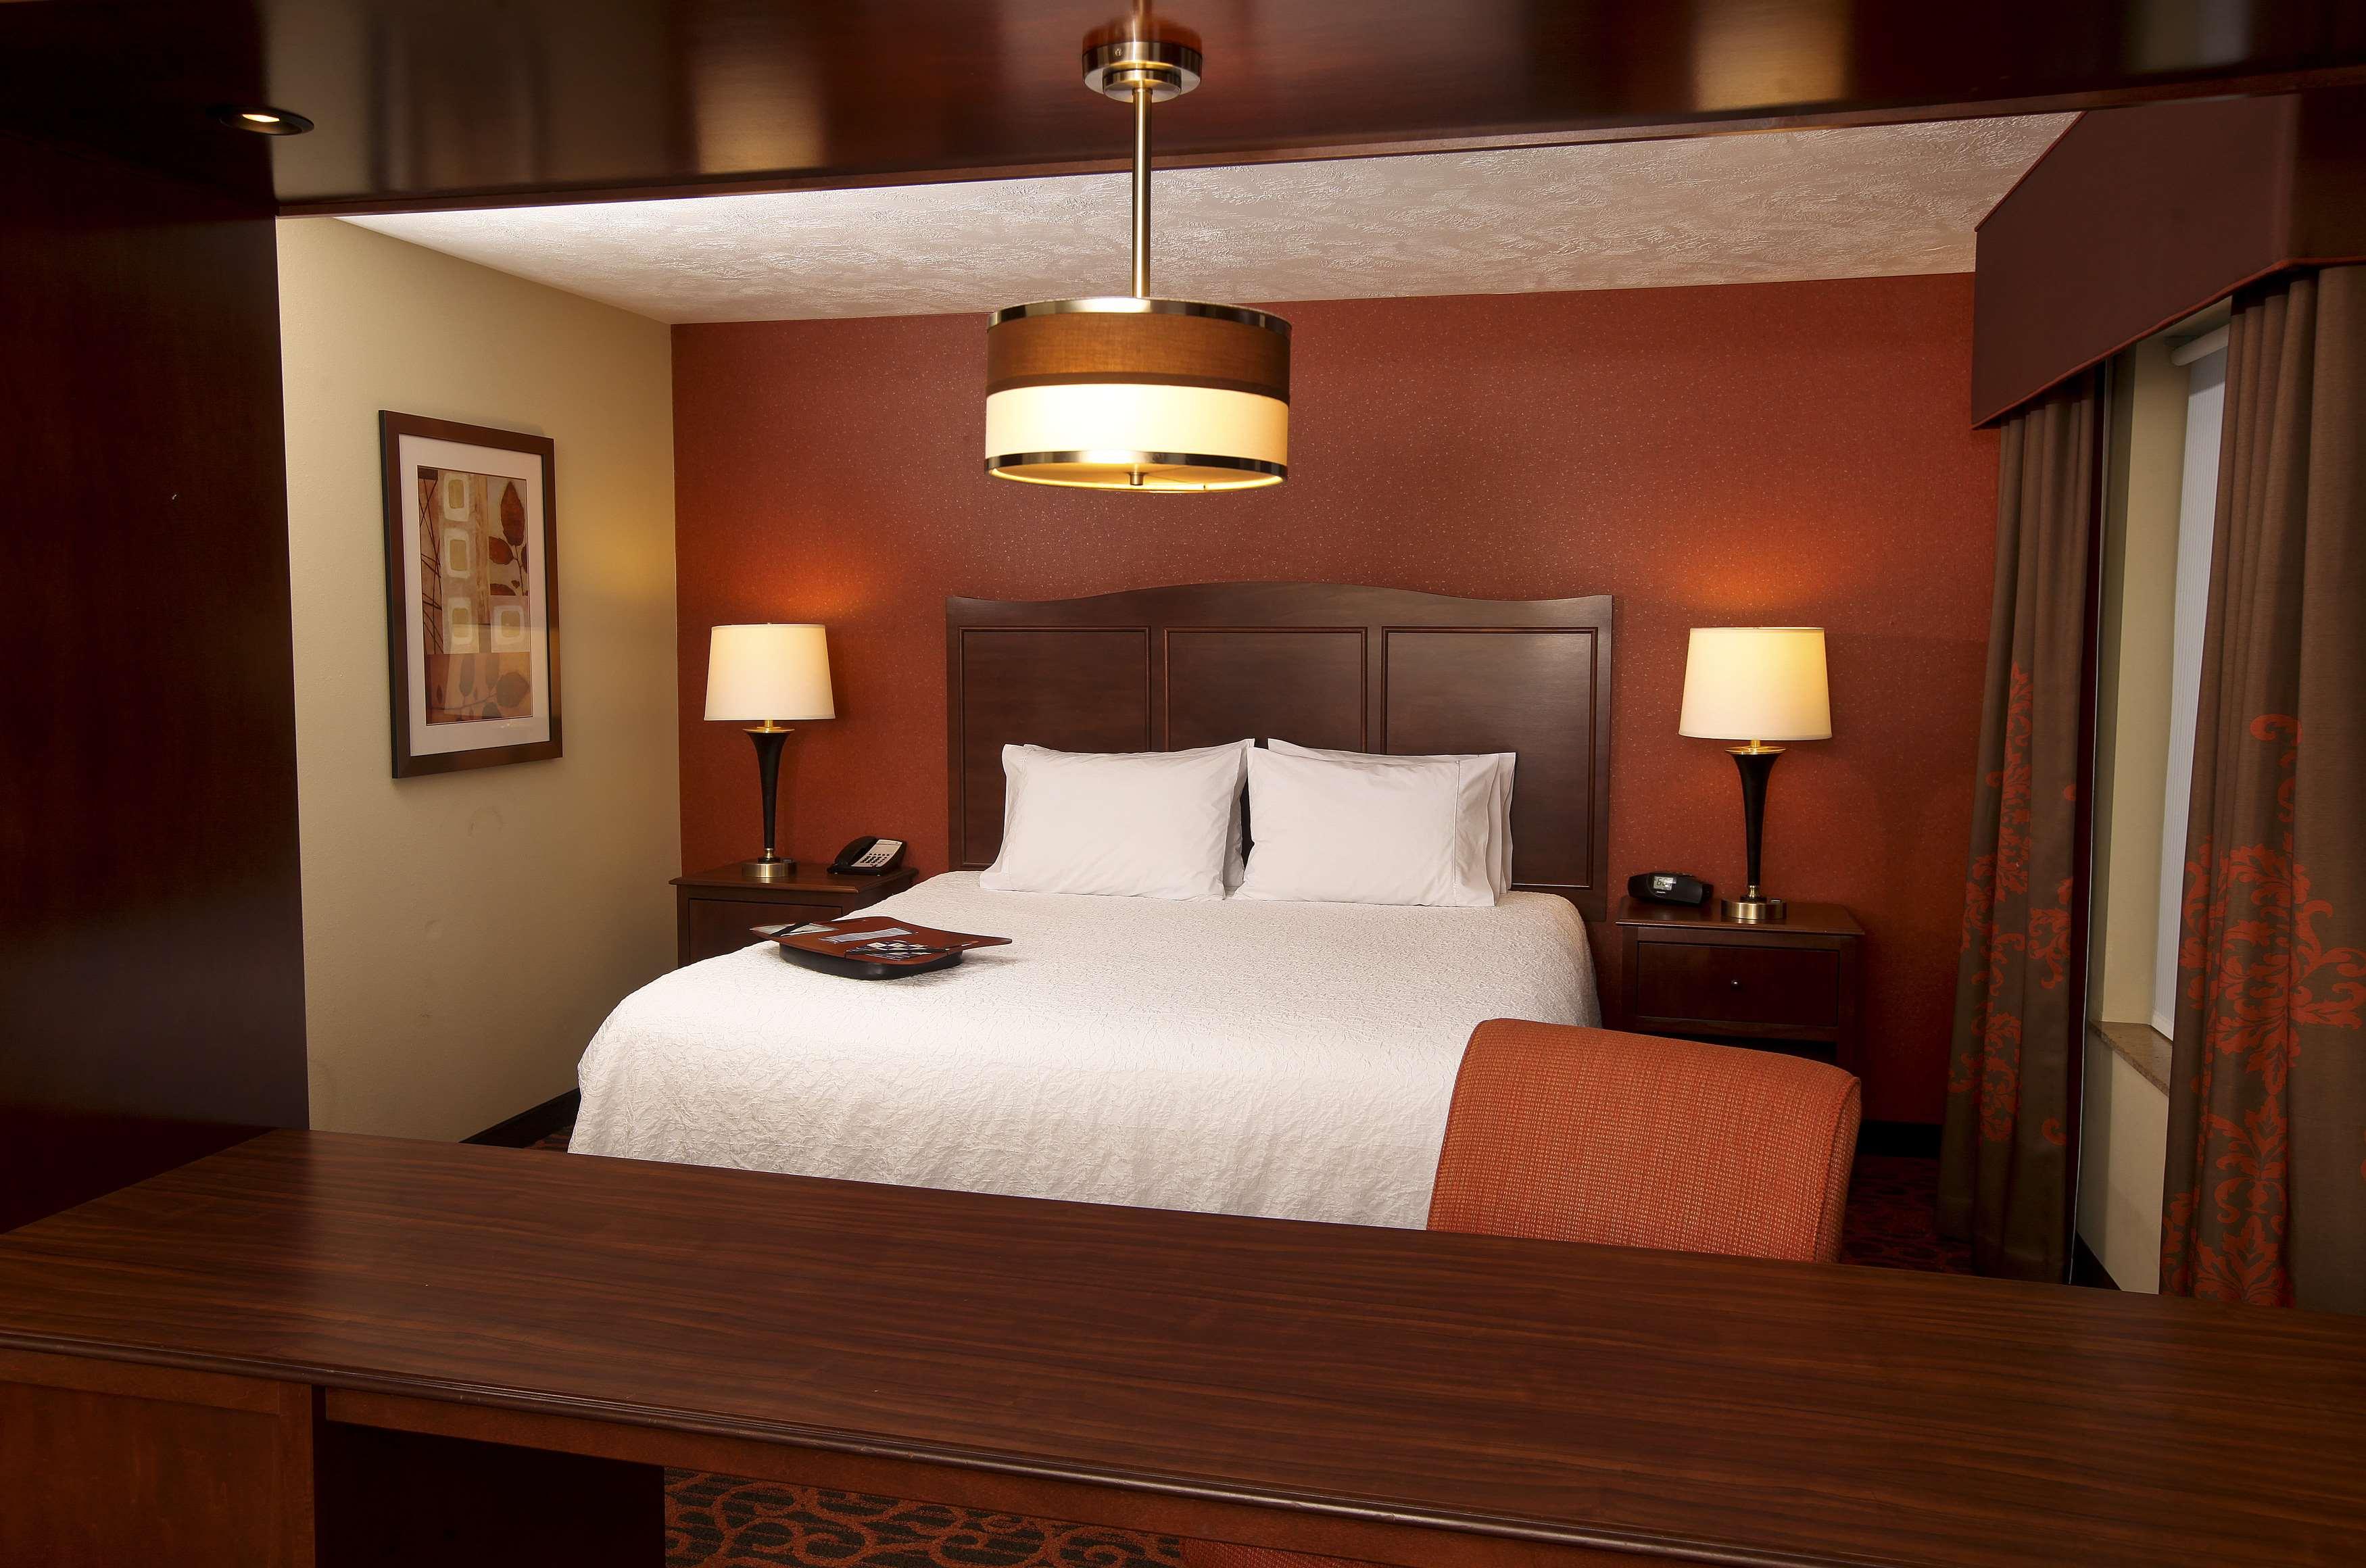 Hampton Inn & Suites Fargo image 19